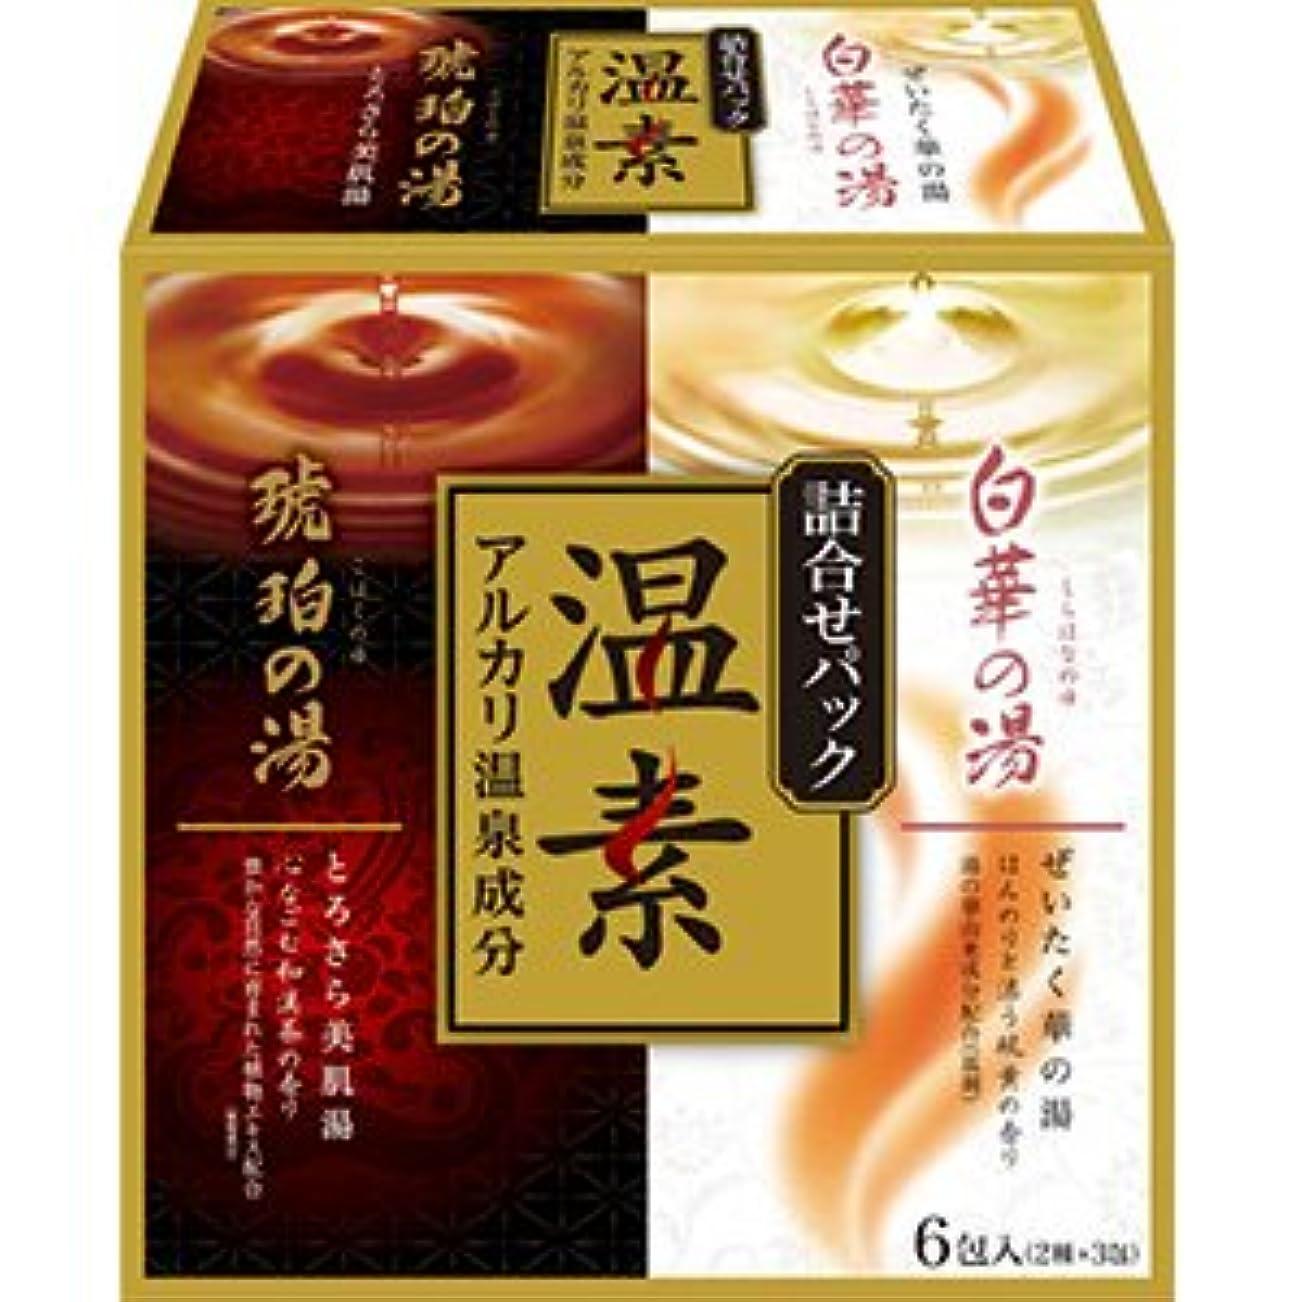 倒錯花磨かれた温素 琥珀の湯&白華の湯 詰合せパック × 16個セット